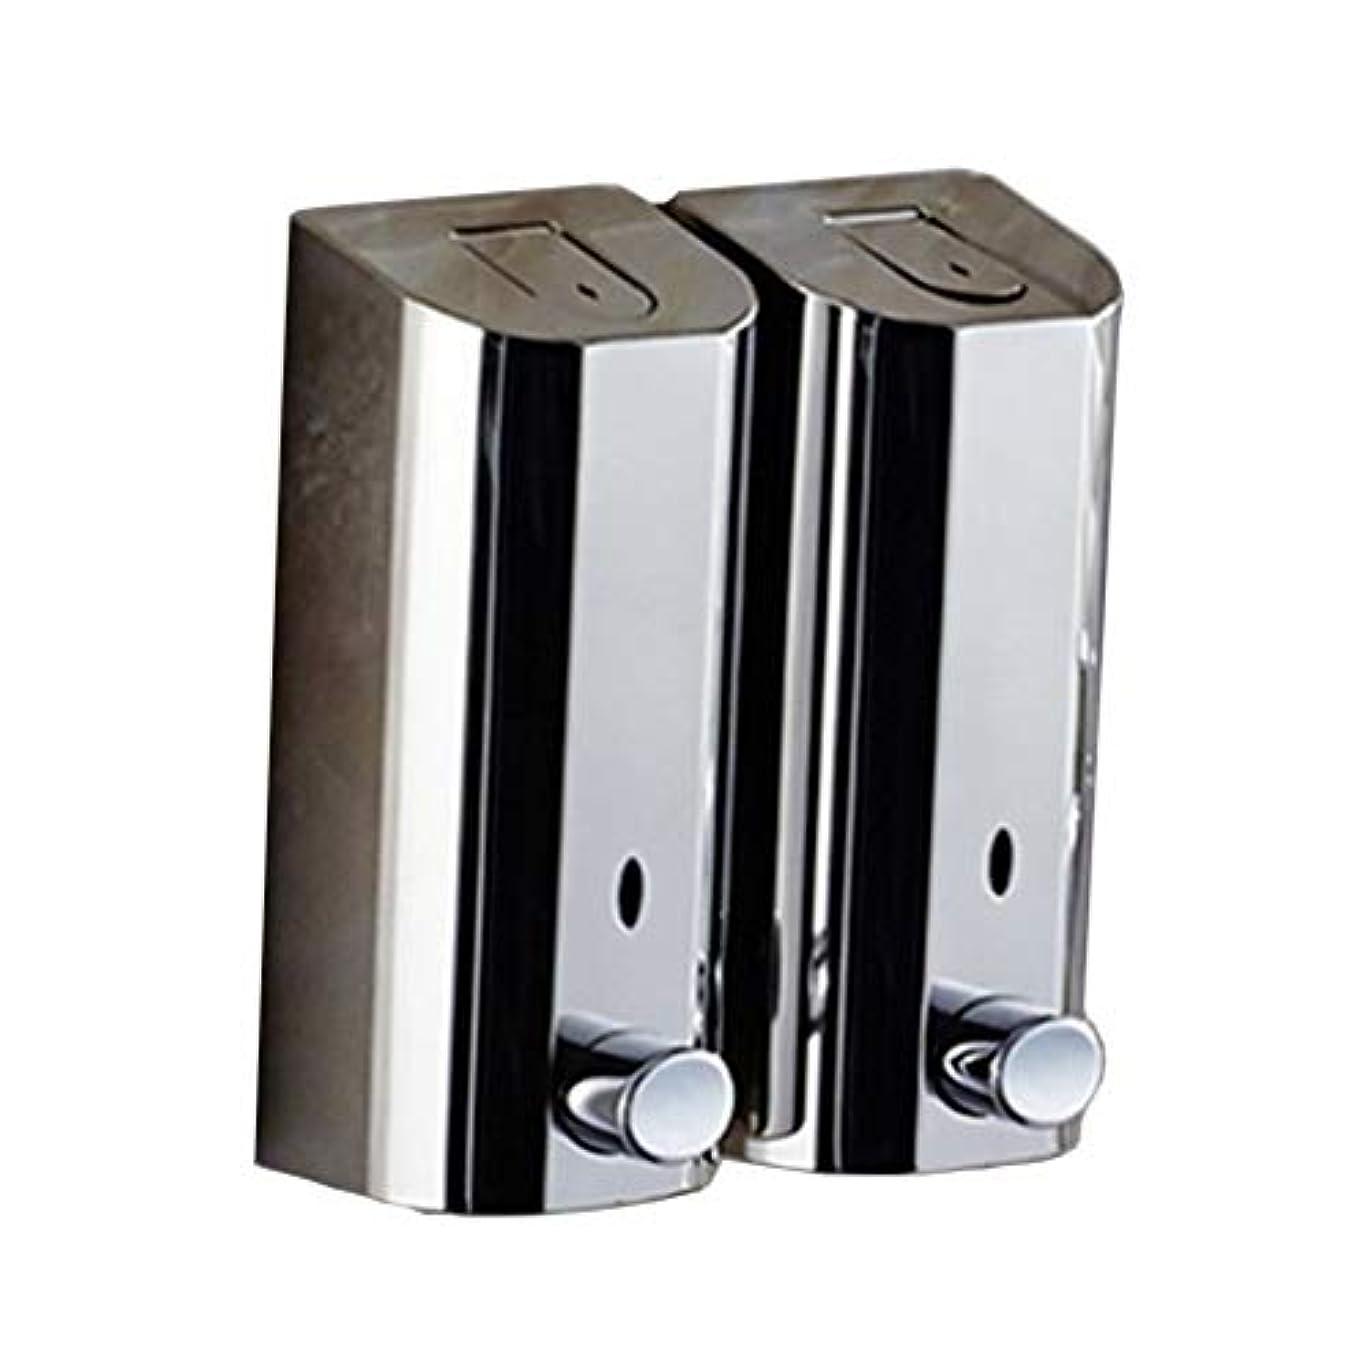 知覚的論理的チーズKylinssh ダブルソープディスペンサー、500ミリリットル* 2自動液体ディスペンサー、防水、漏れ防止、子供のためのタッチレスソープディスペンサー、キッチン、バスルーム